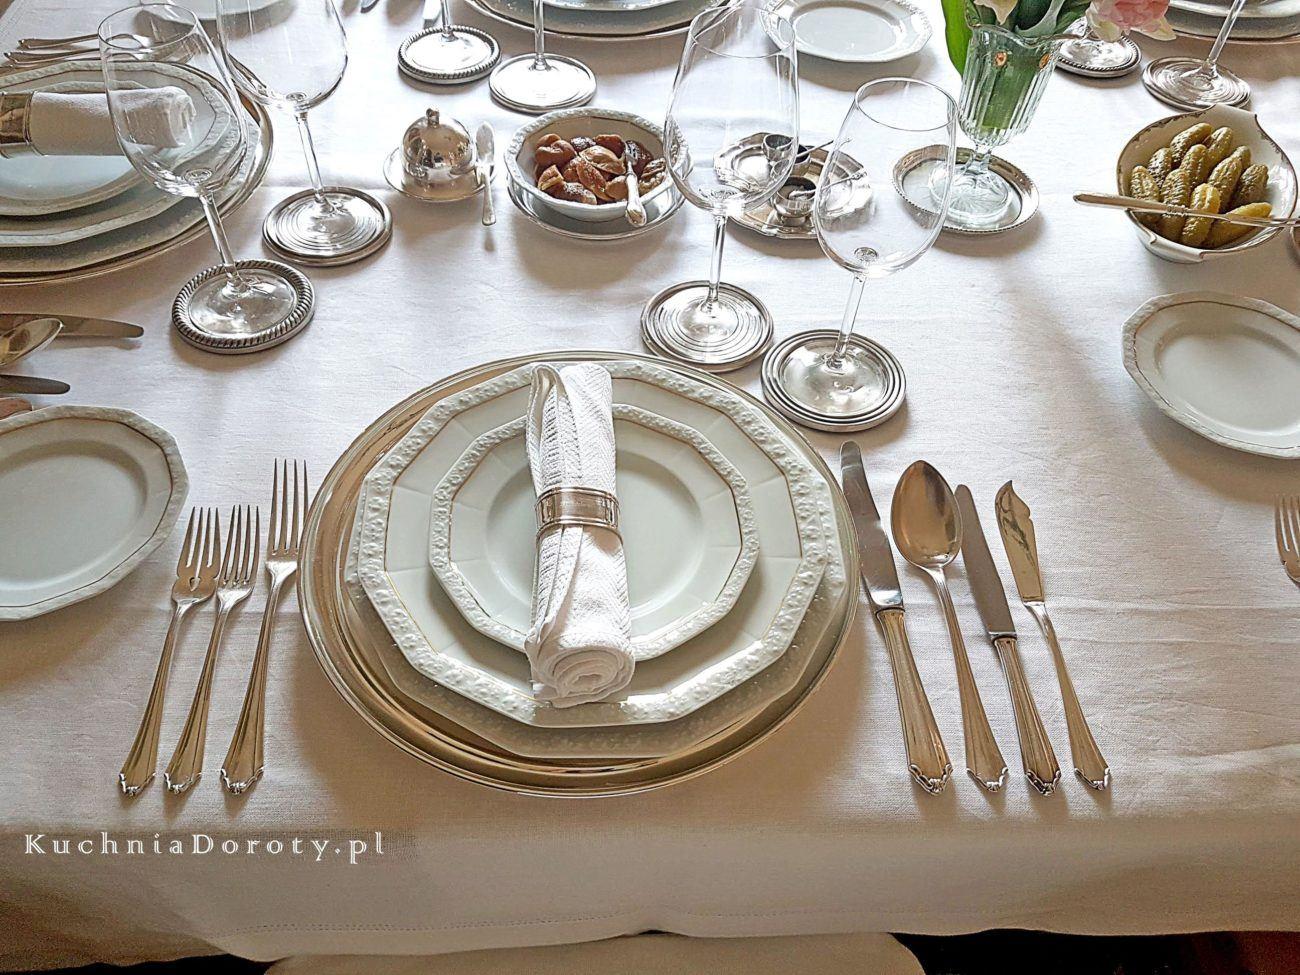 Przyjęcie Rodzinne Menu Na Wyjątkową Okazję Kuchnia Doroty